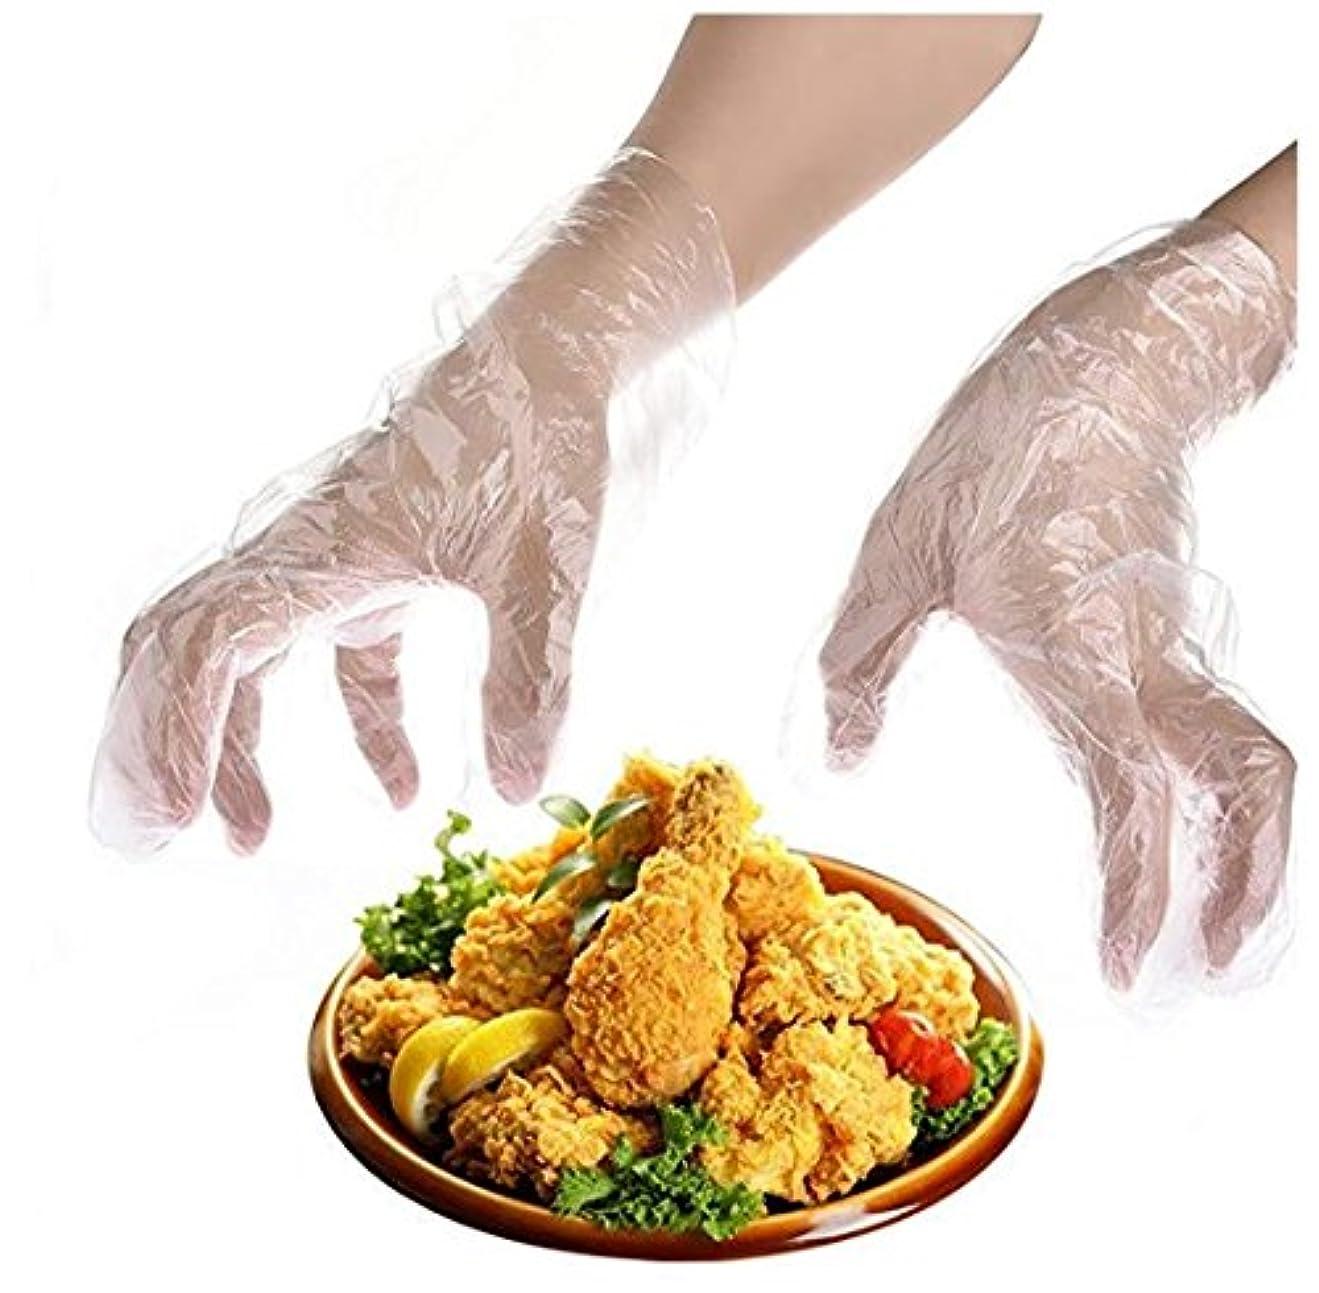 評価可能撤退静的Heyuni.使い捨て手袋 極薄ビニール手袋 ポリエチレン 透明 実用 衛生 100枚